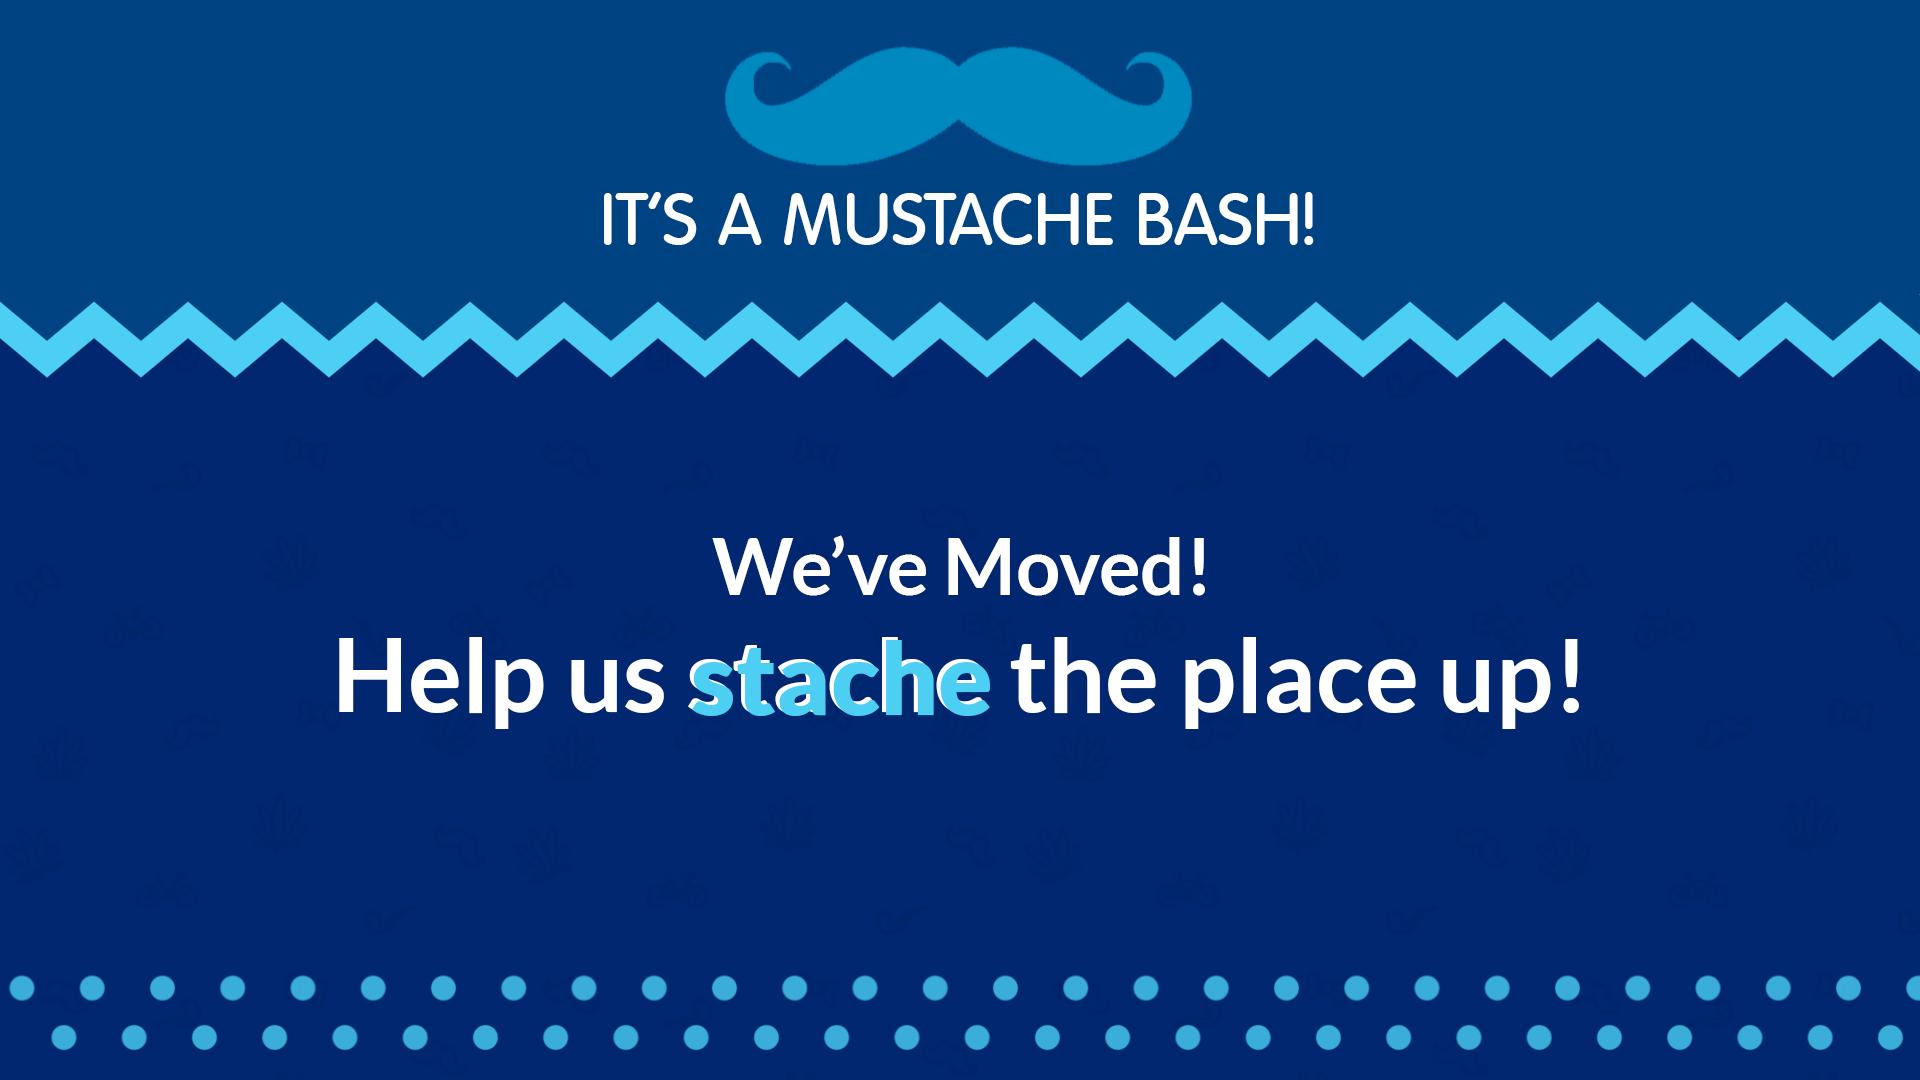 It's A Mustache Bash!